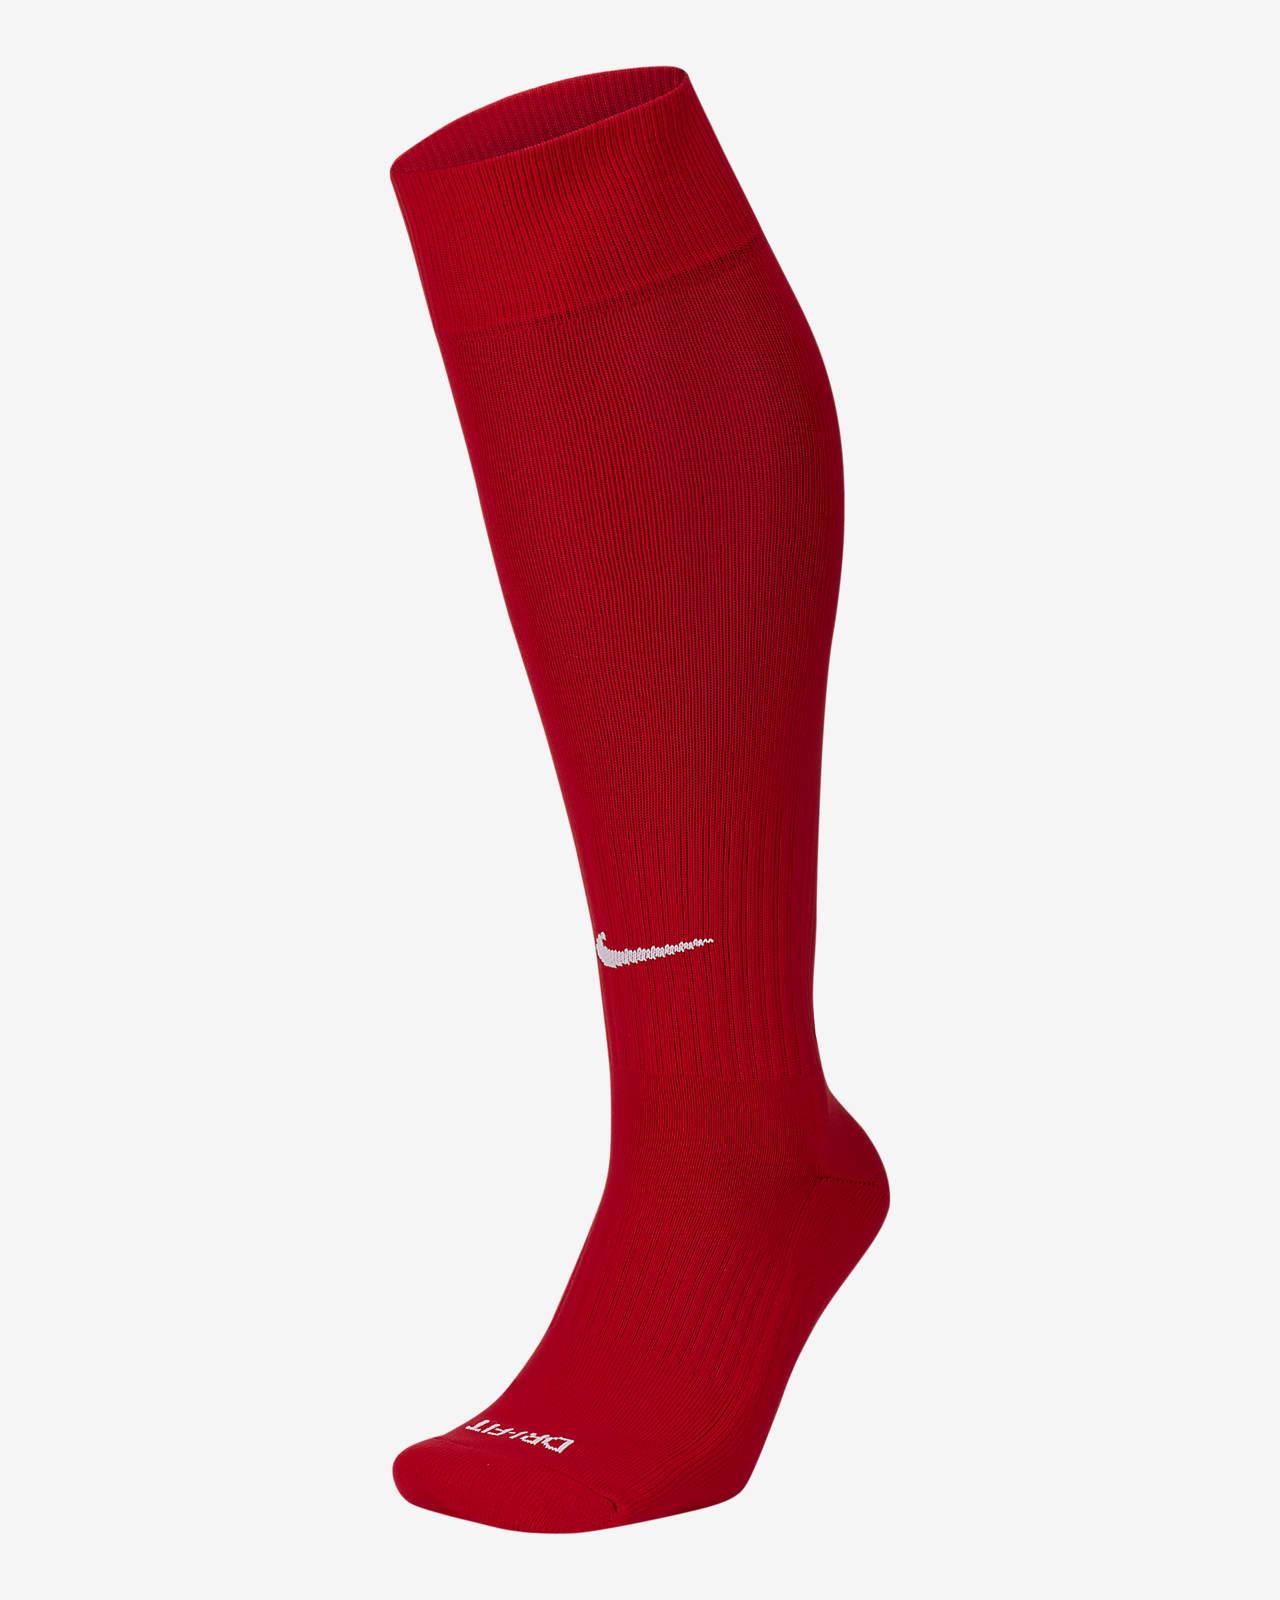 Chaussettes hautes rembourrées Nike Classic 2